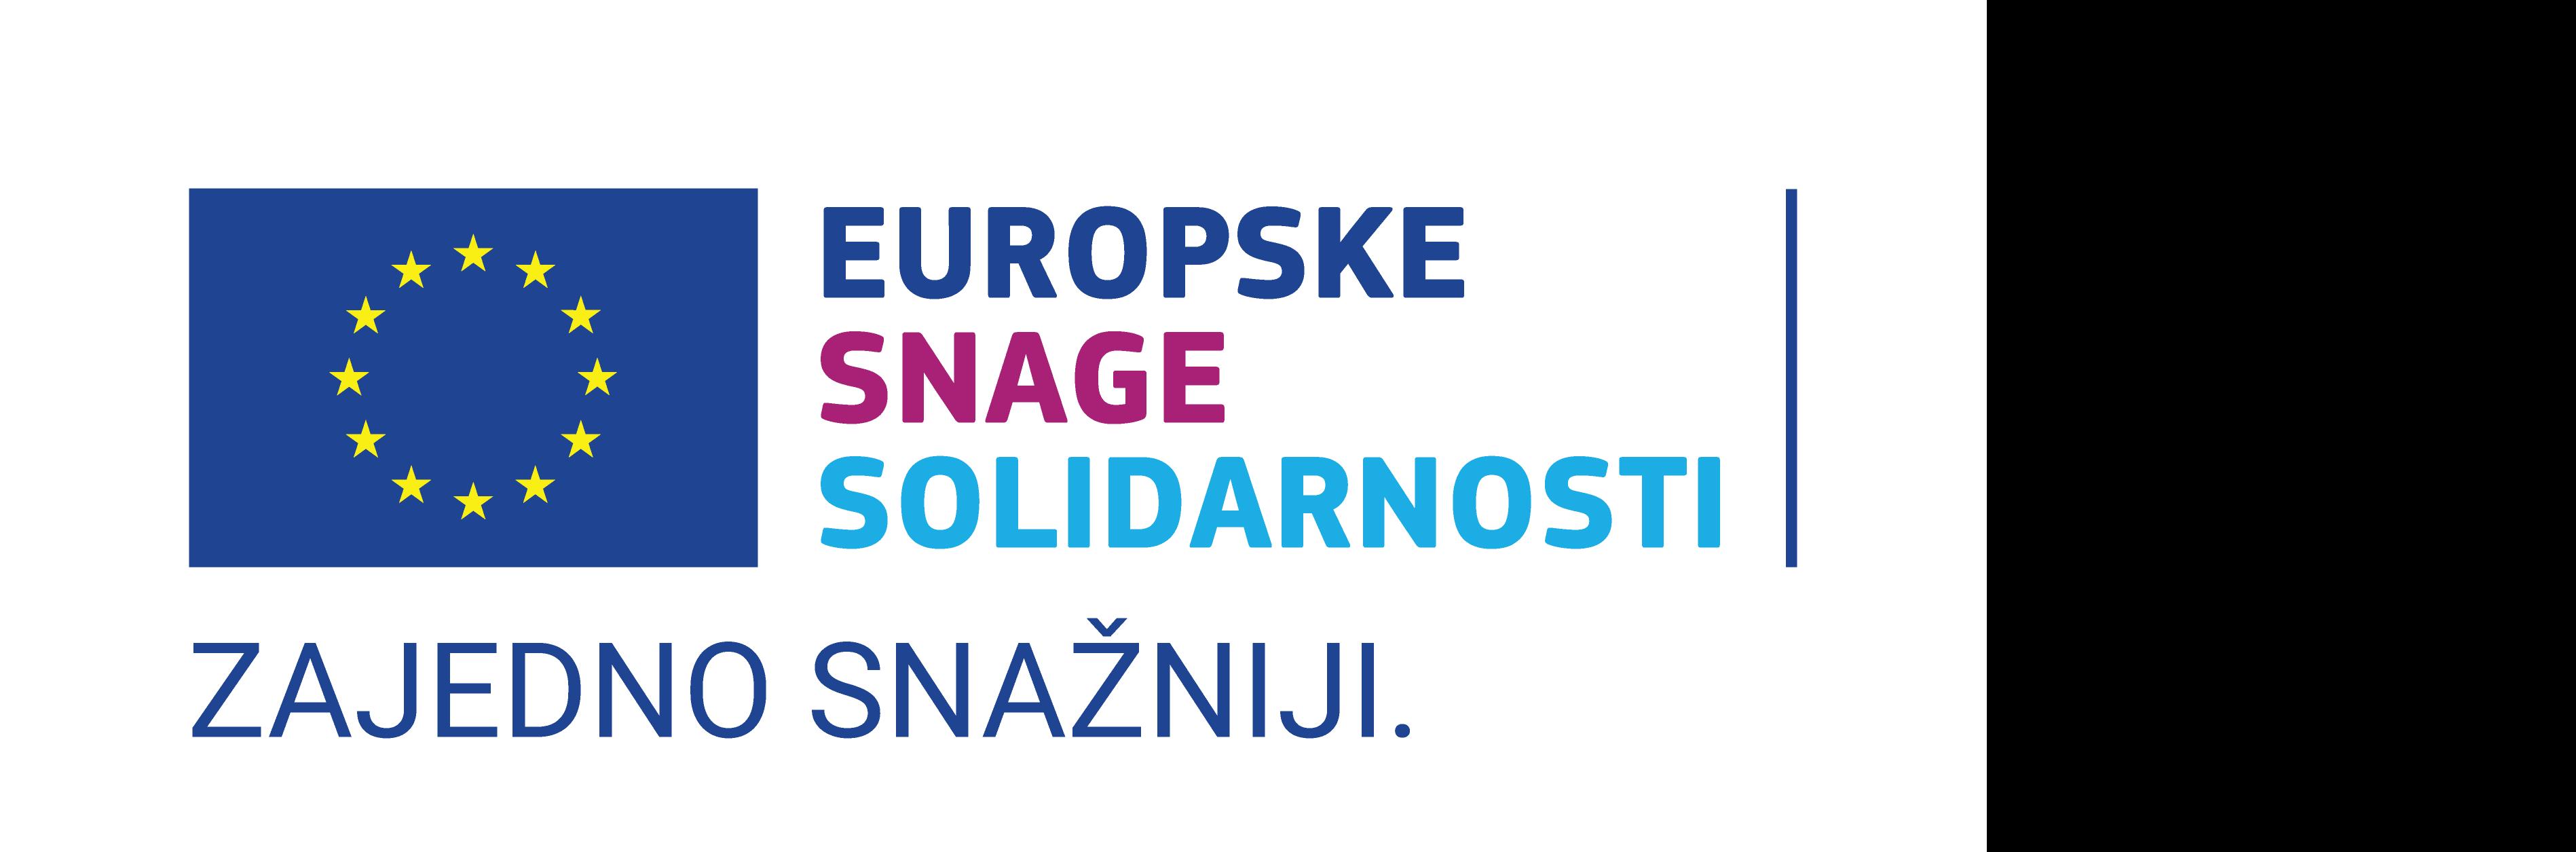 Europske snage solidarnosti podupiru volontiranje mladih, solidarne i humanitarne aktivnosti u zajednici - Slika 2